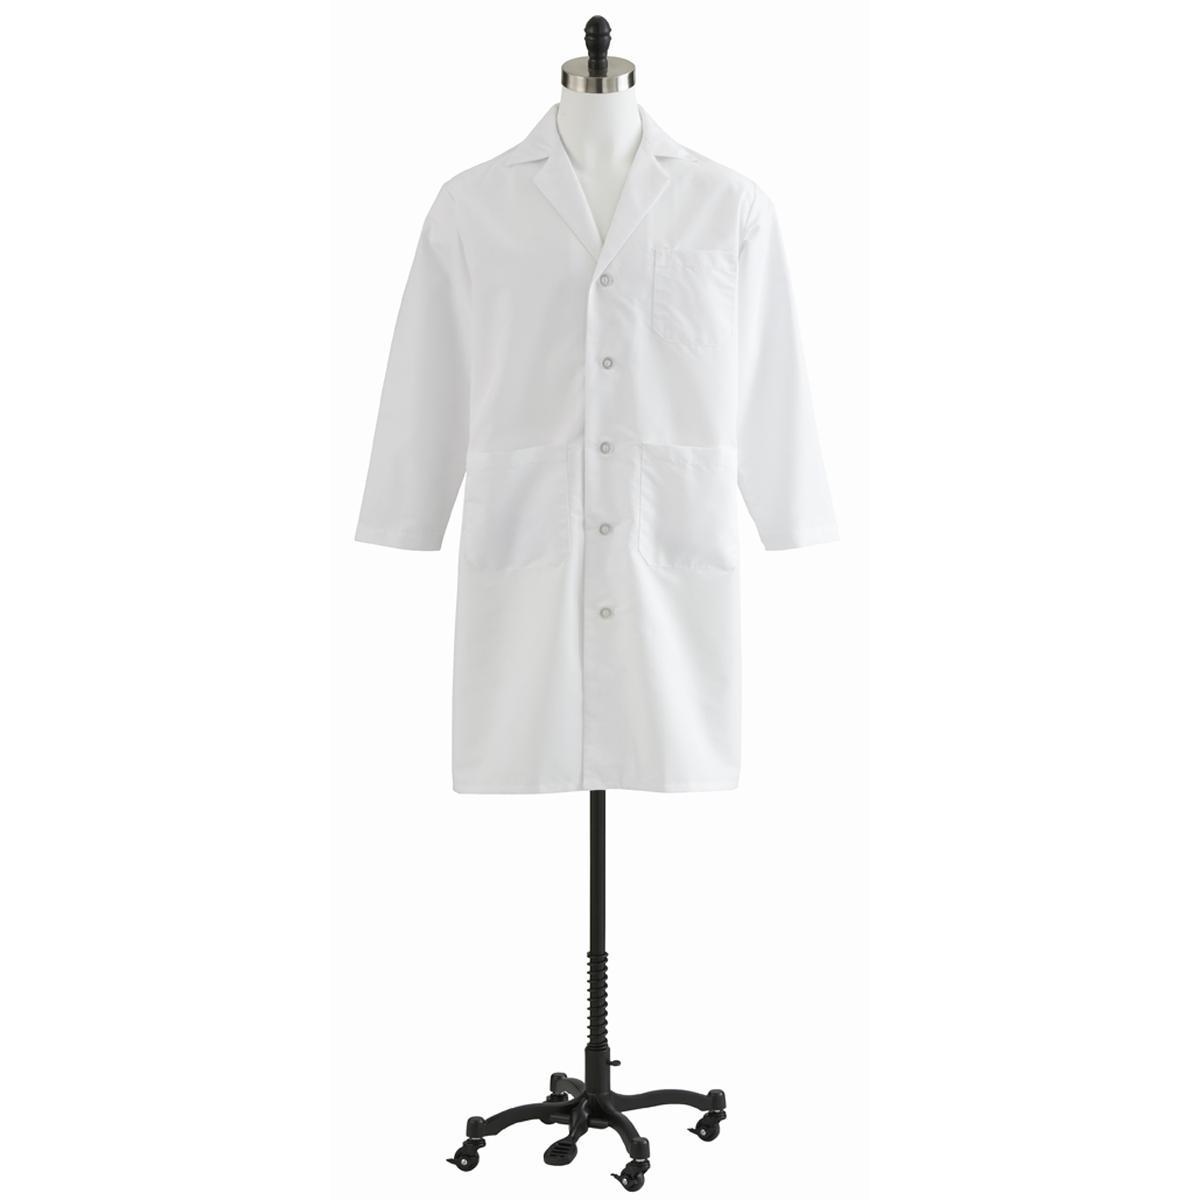 Unisex Full Length Lab Coat